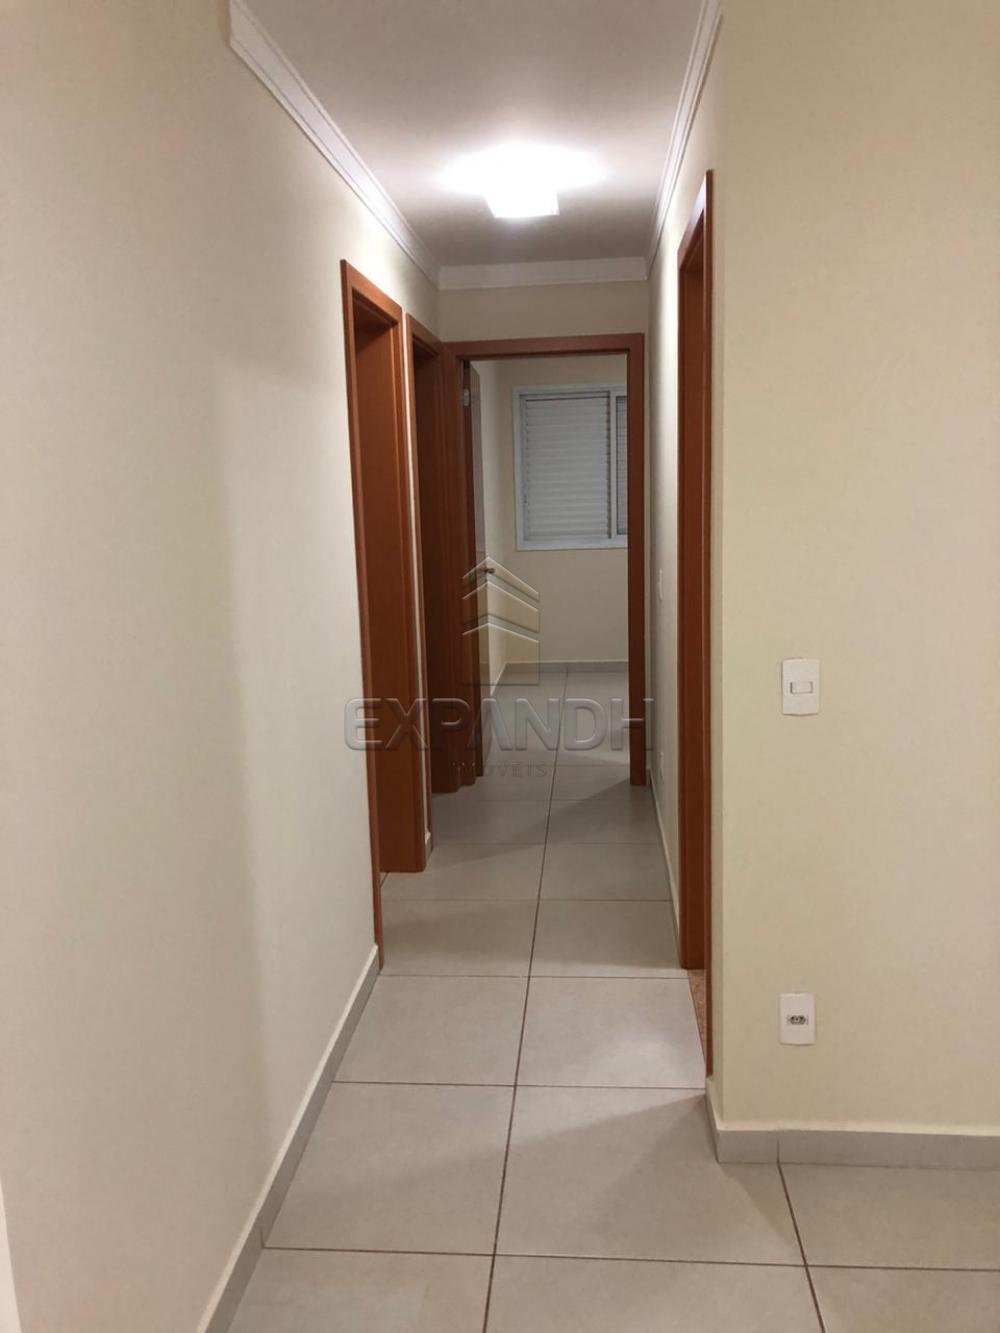 Alugar Apartamentos / Padrão em Sertãozinho apenas R$ 1.300,00 - Foto 9